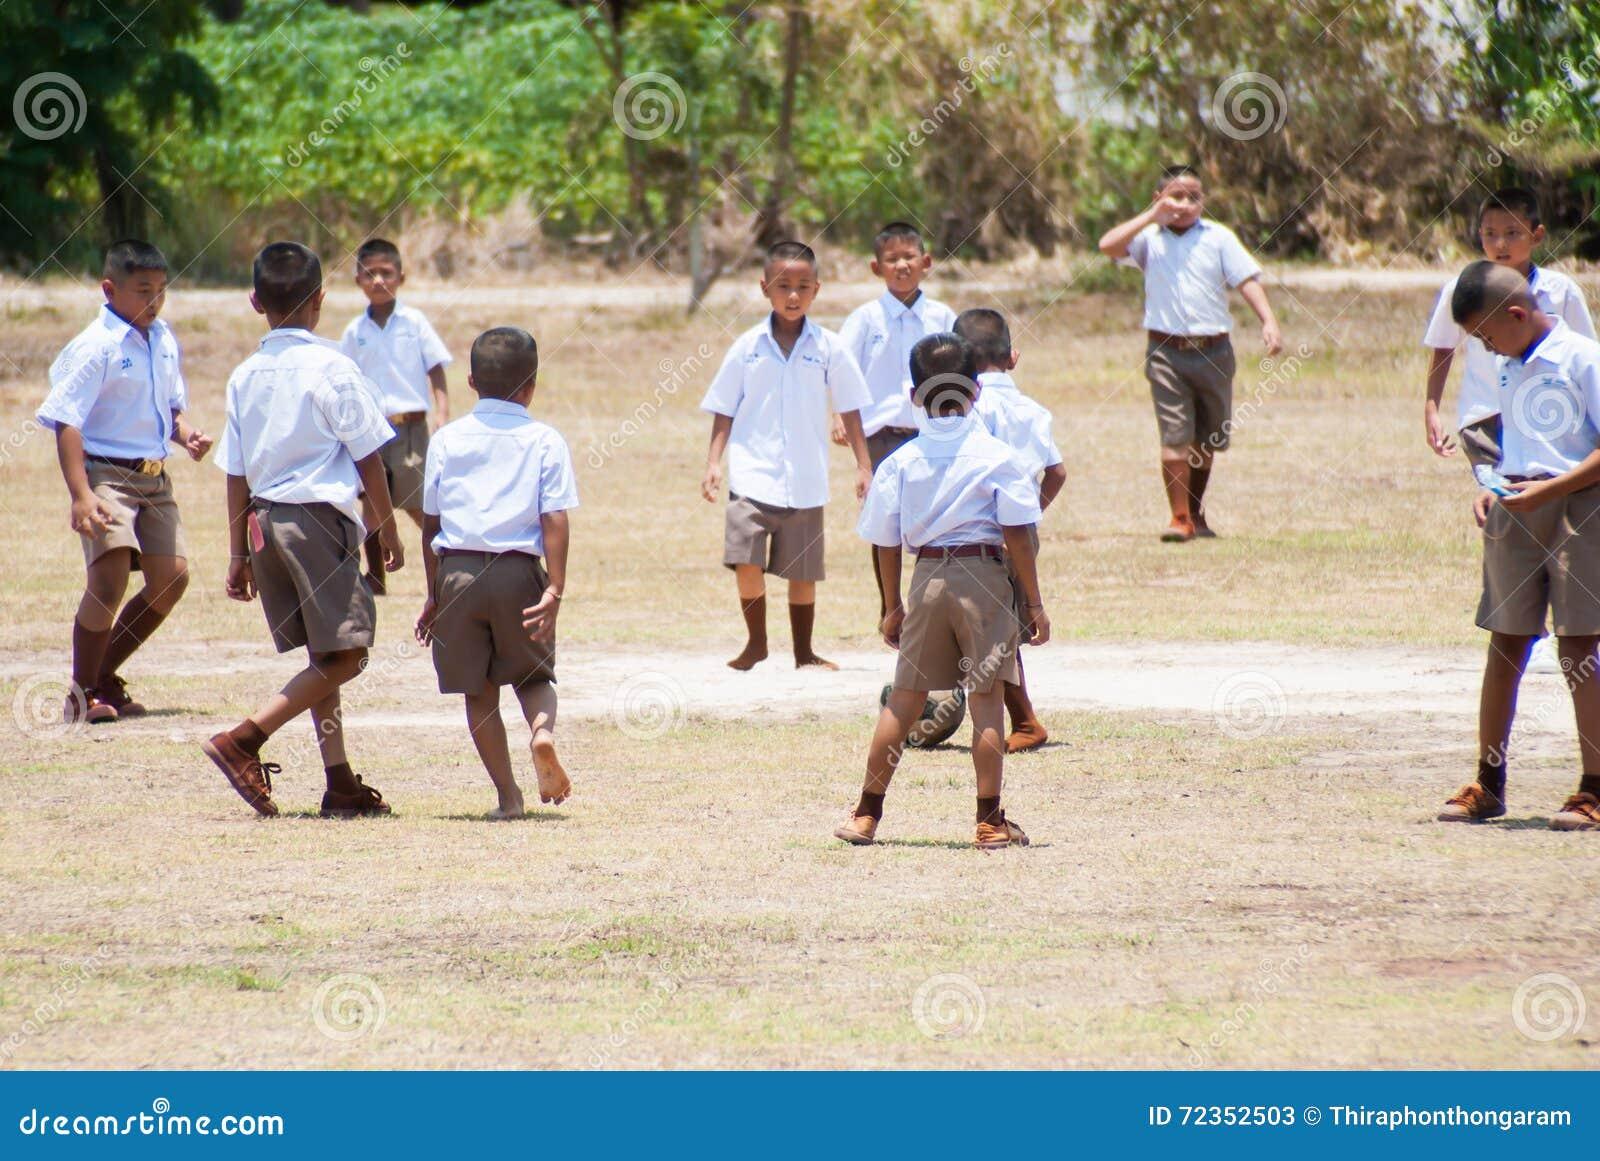 Τα ταϊλανδικά παιδιά παίζουν το ποδόσφαιρο